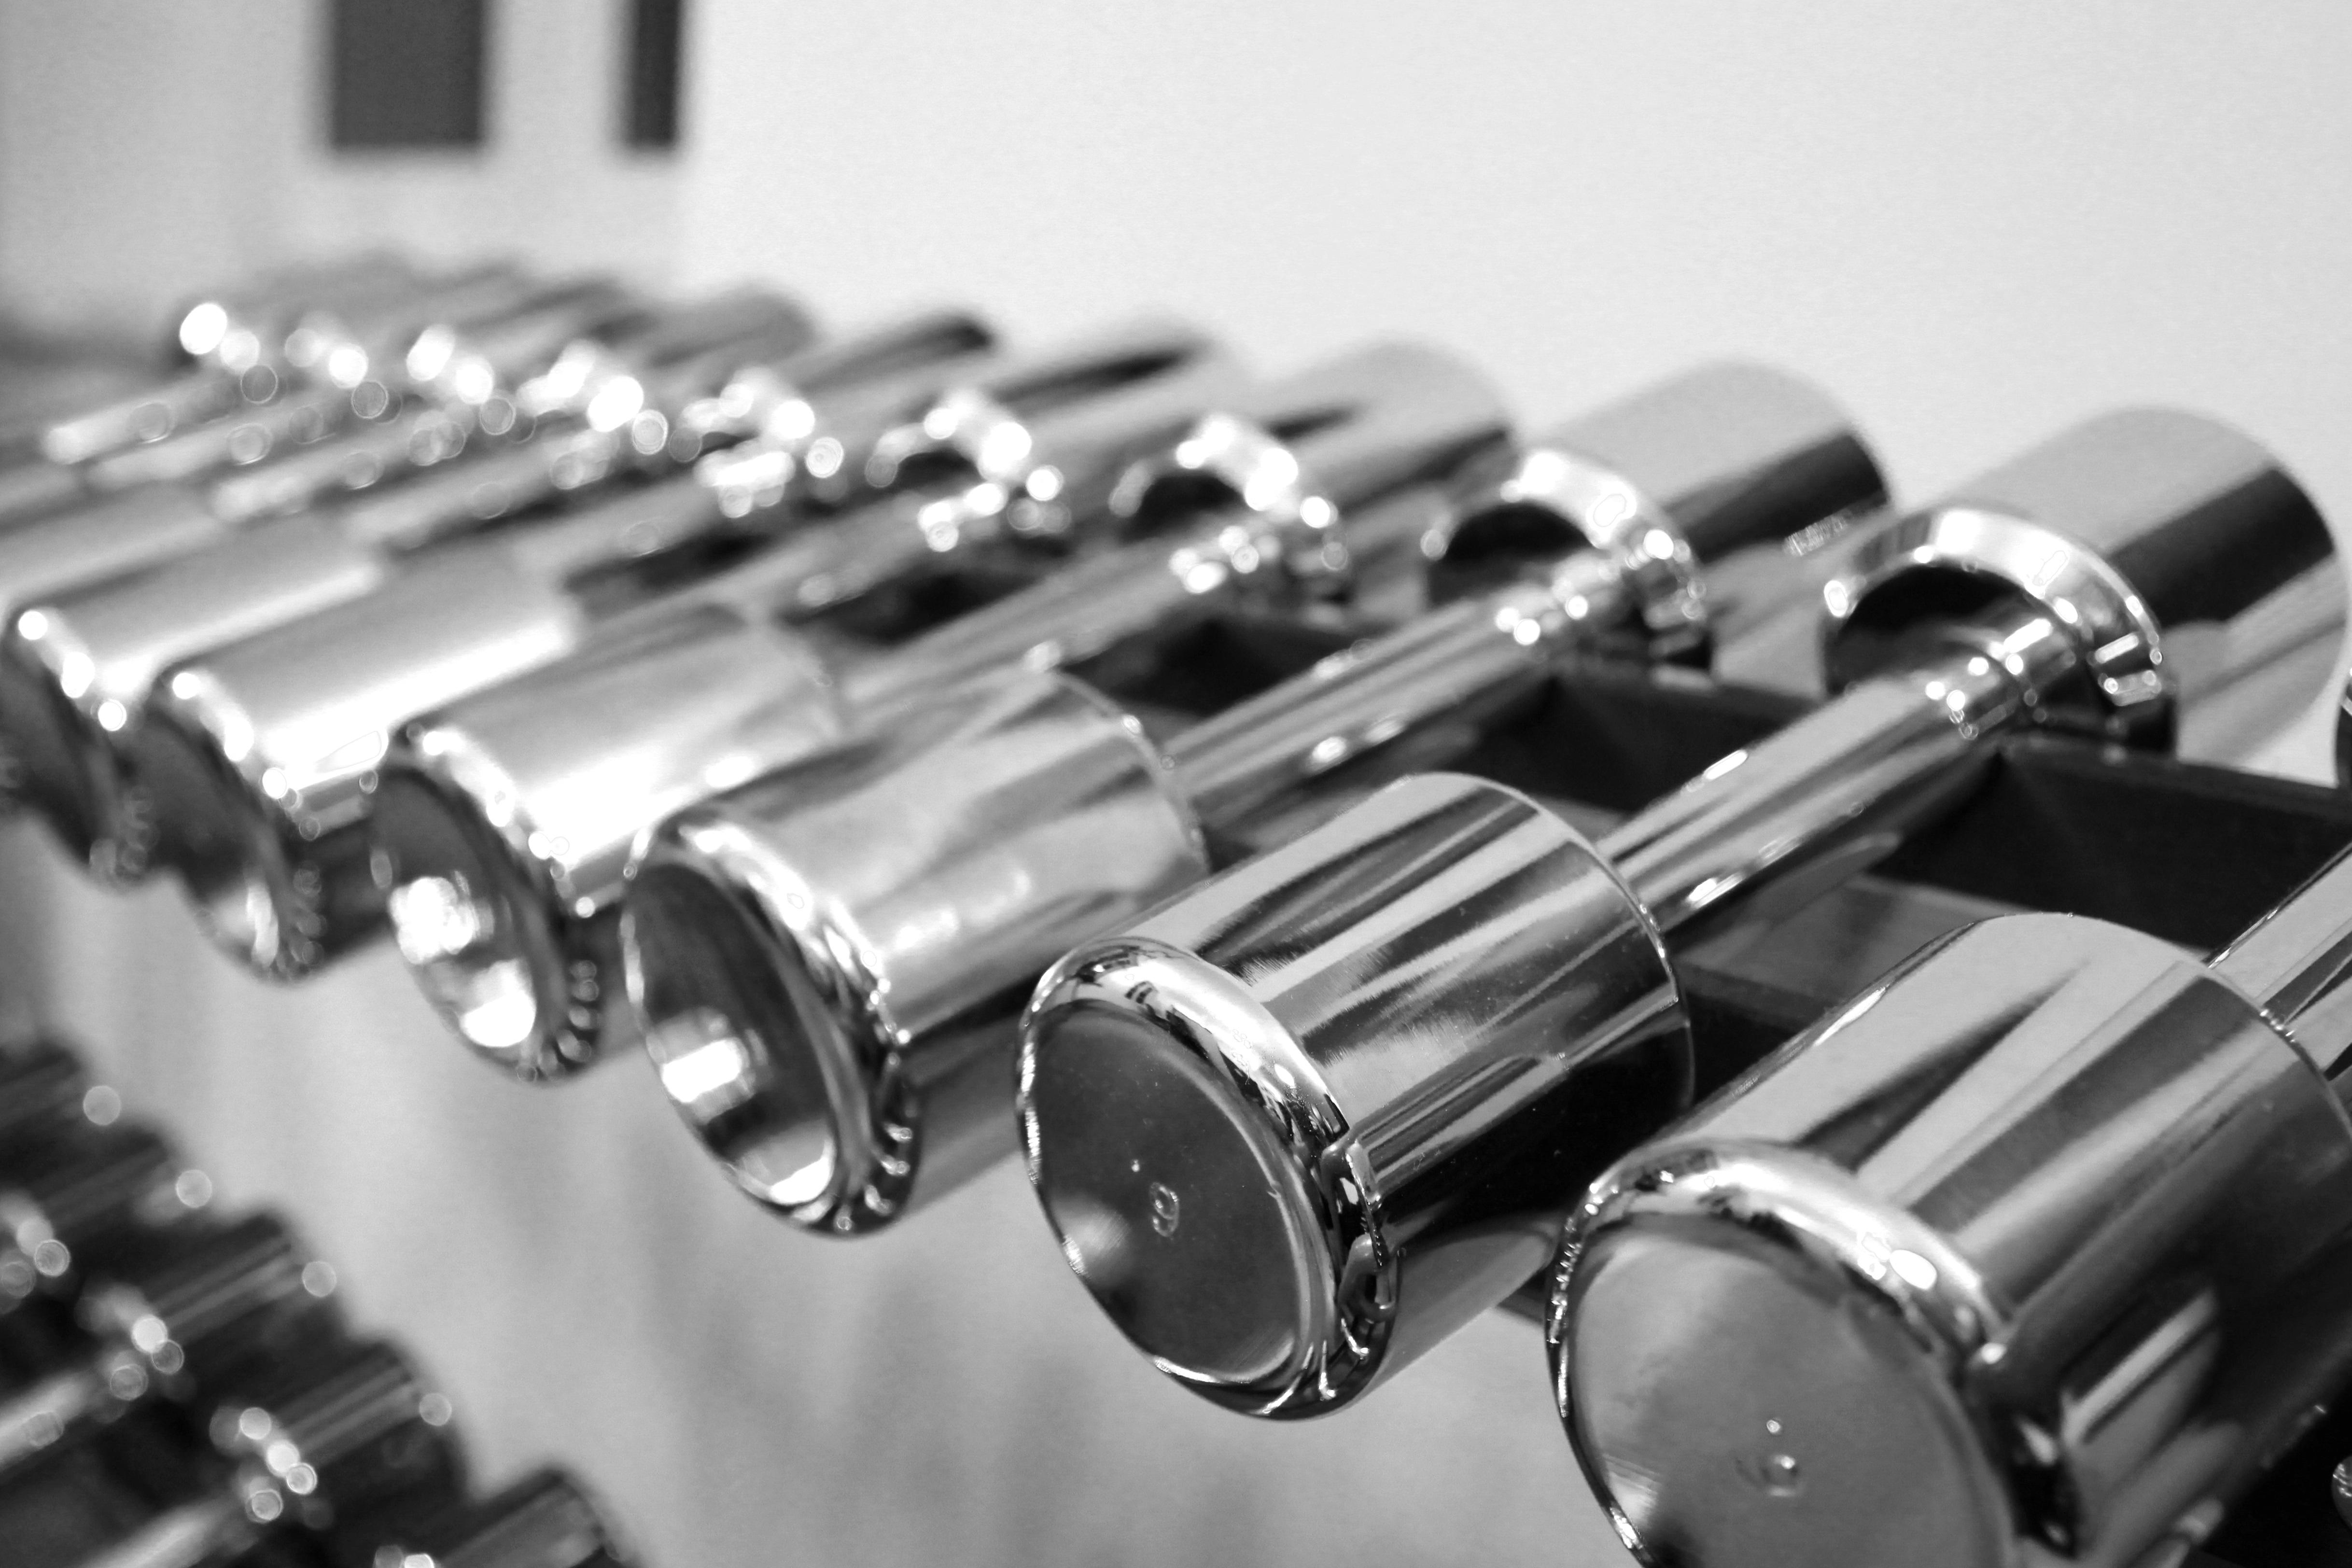 Gambar Hitam Dan Putih Olahraga Latihan Satu Warna Drum Alat Body Gym Pump Kebugaran Musik Building Halter Memaksa